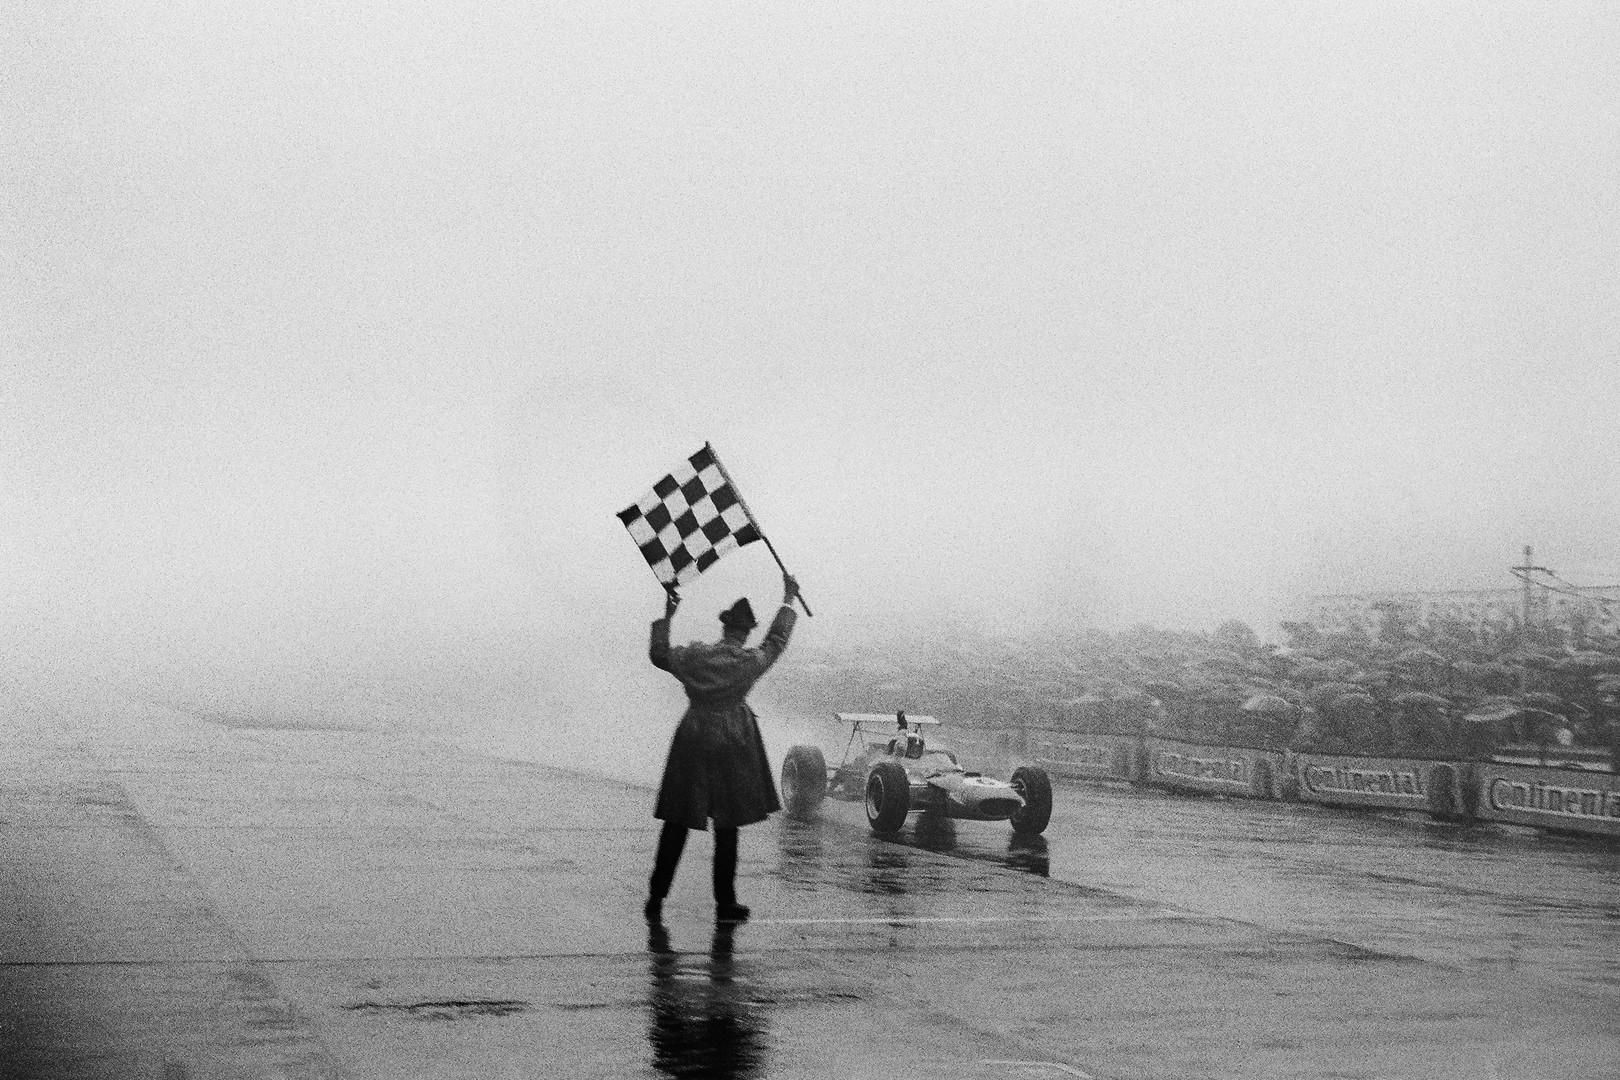 021 - The Race.jpg